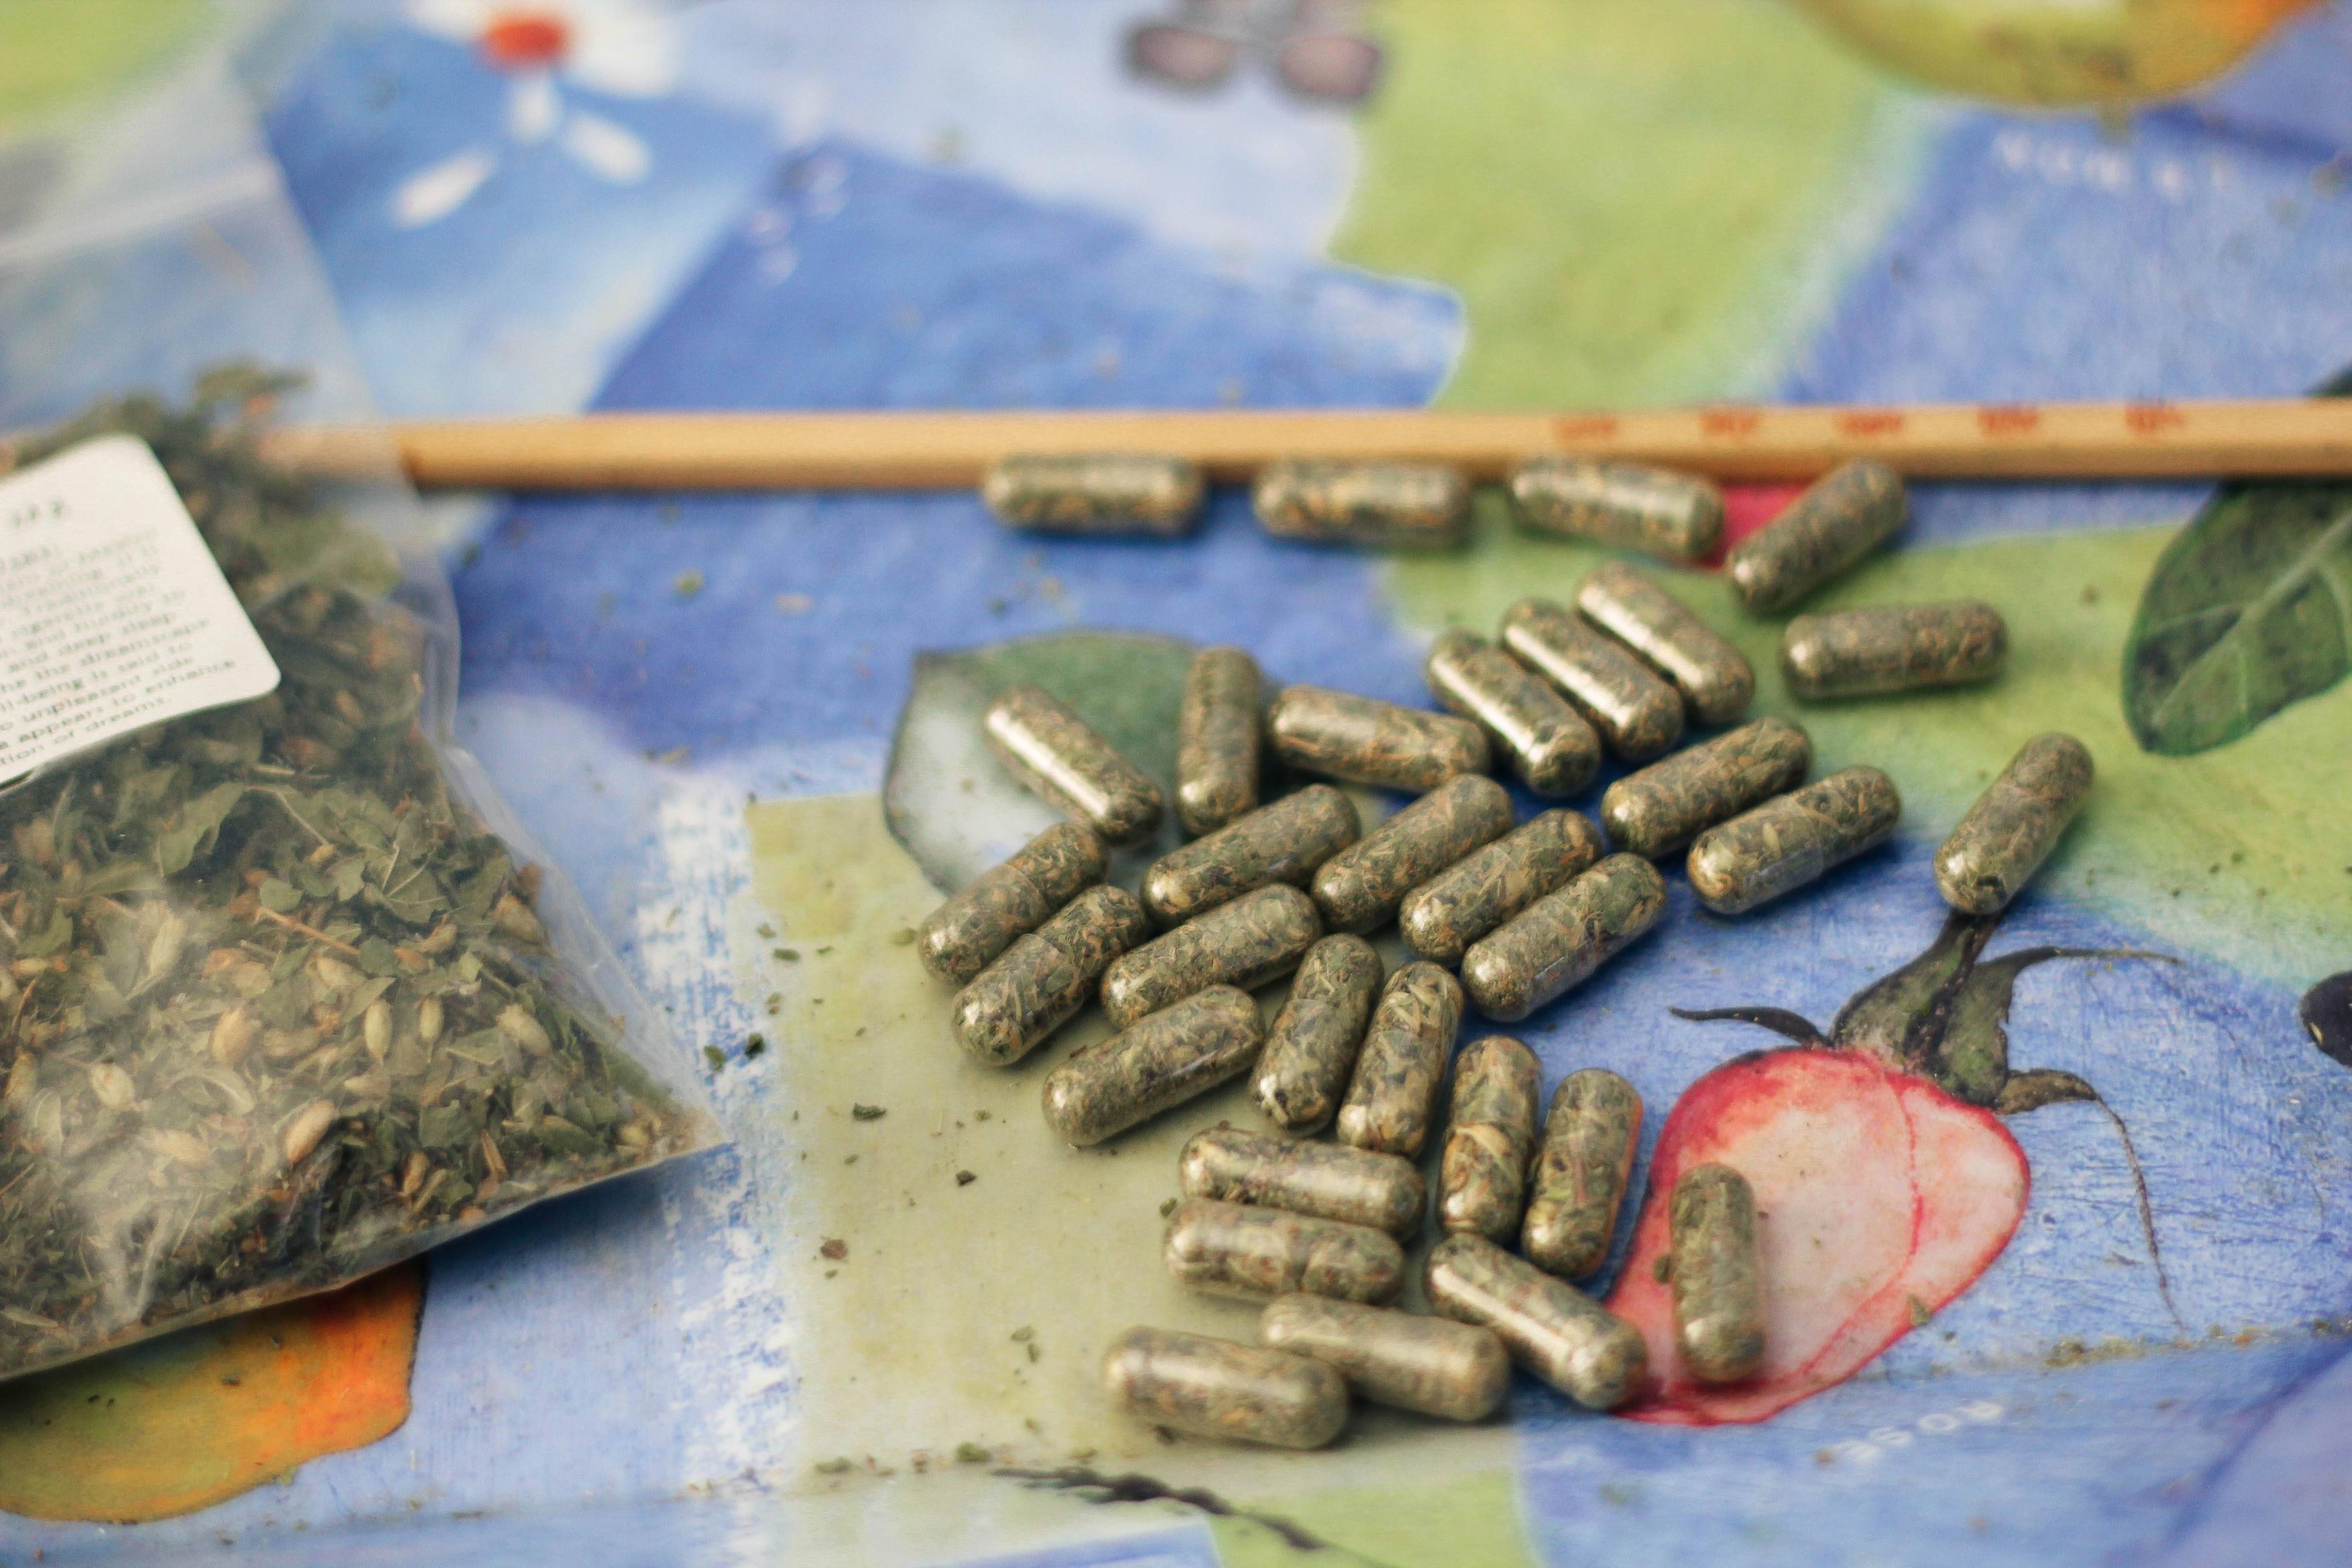 Calea zacatechichi pills | SalviaExtract.com